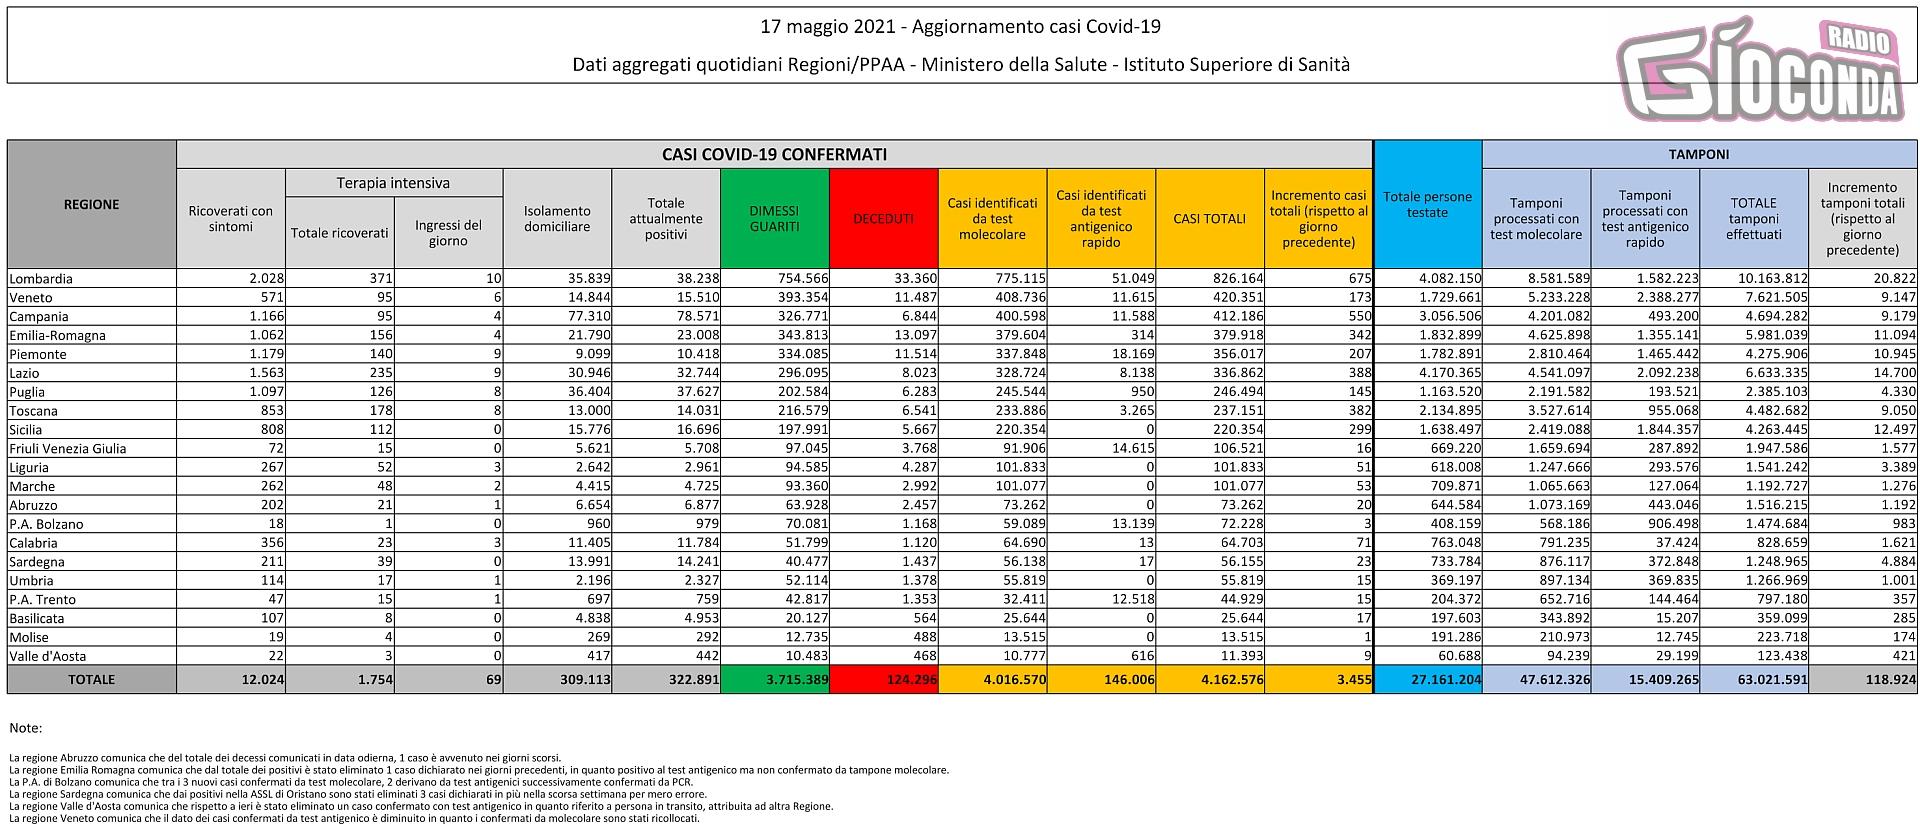 17 maggio 2021 - Aggiornamento casi Covid-19 Dati aggregati quotidiani Regioni/PPAA - Ministero della Salute - Istituto Superiore di Sanità